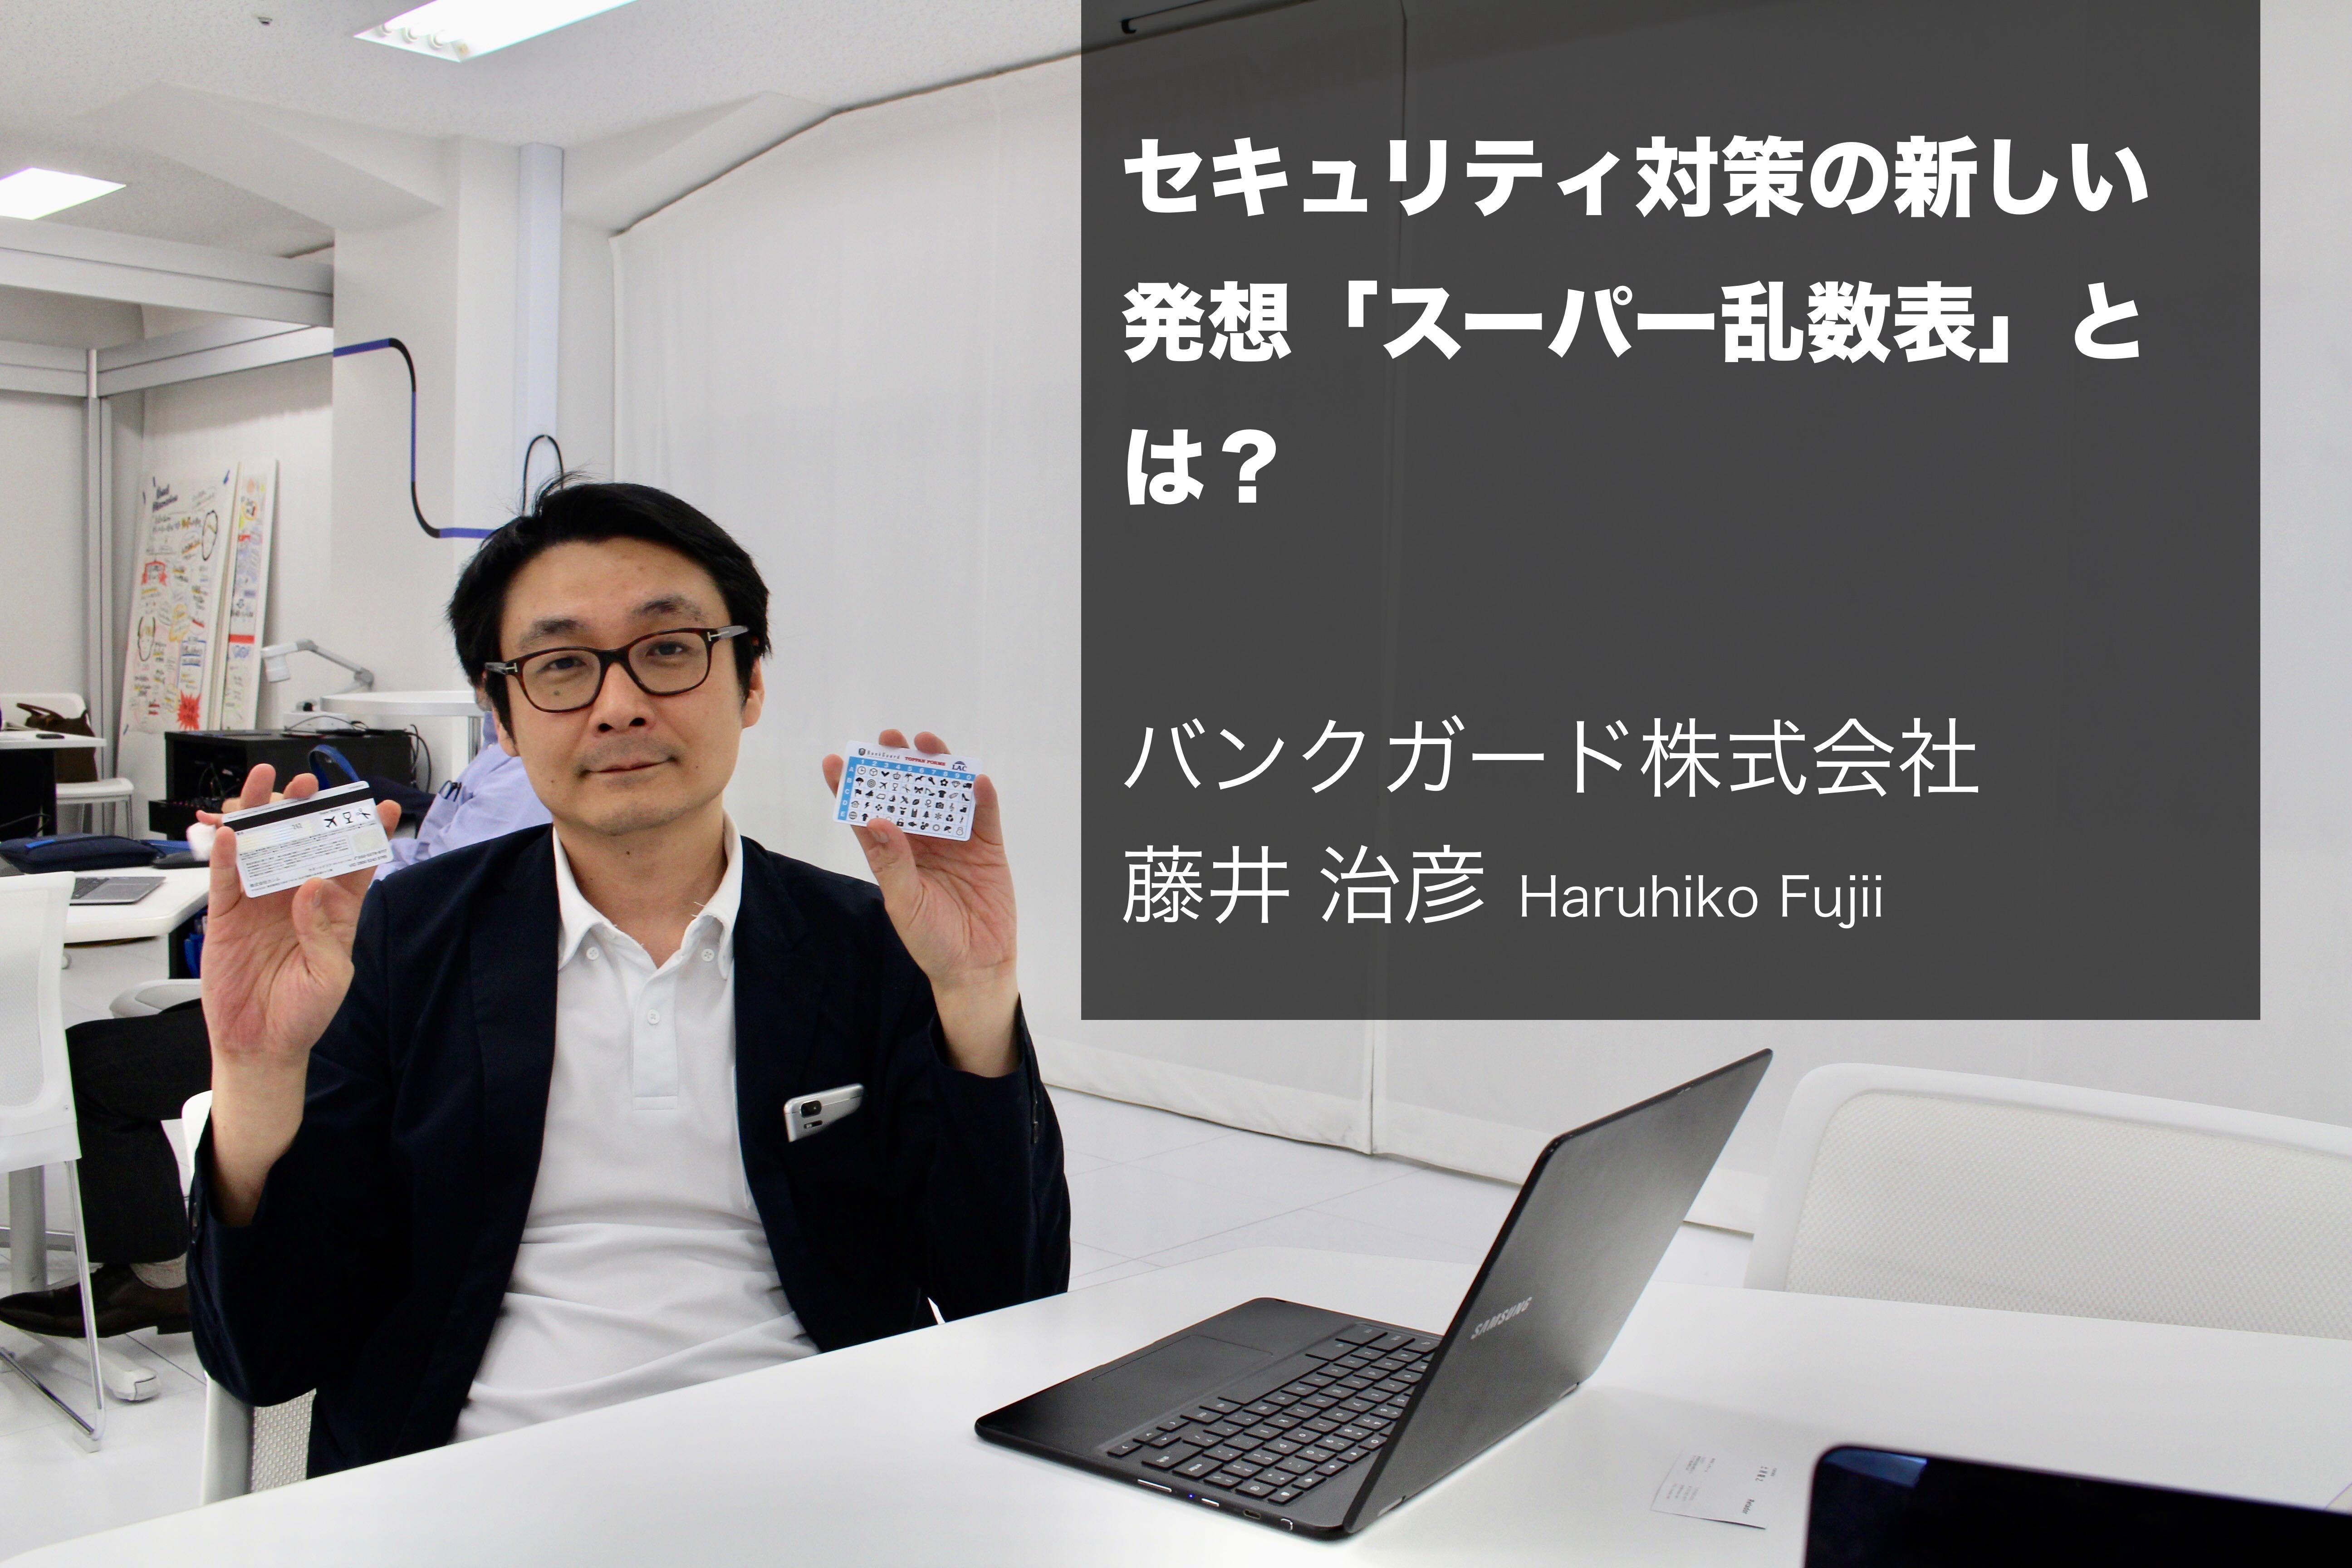 バンクガード藤井社長インタビュー